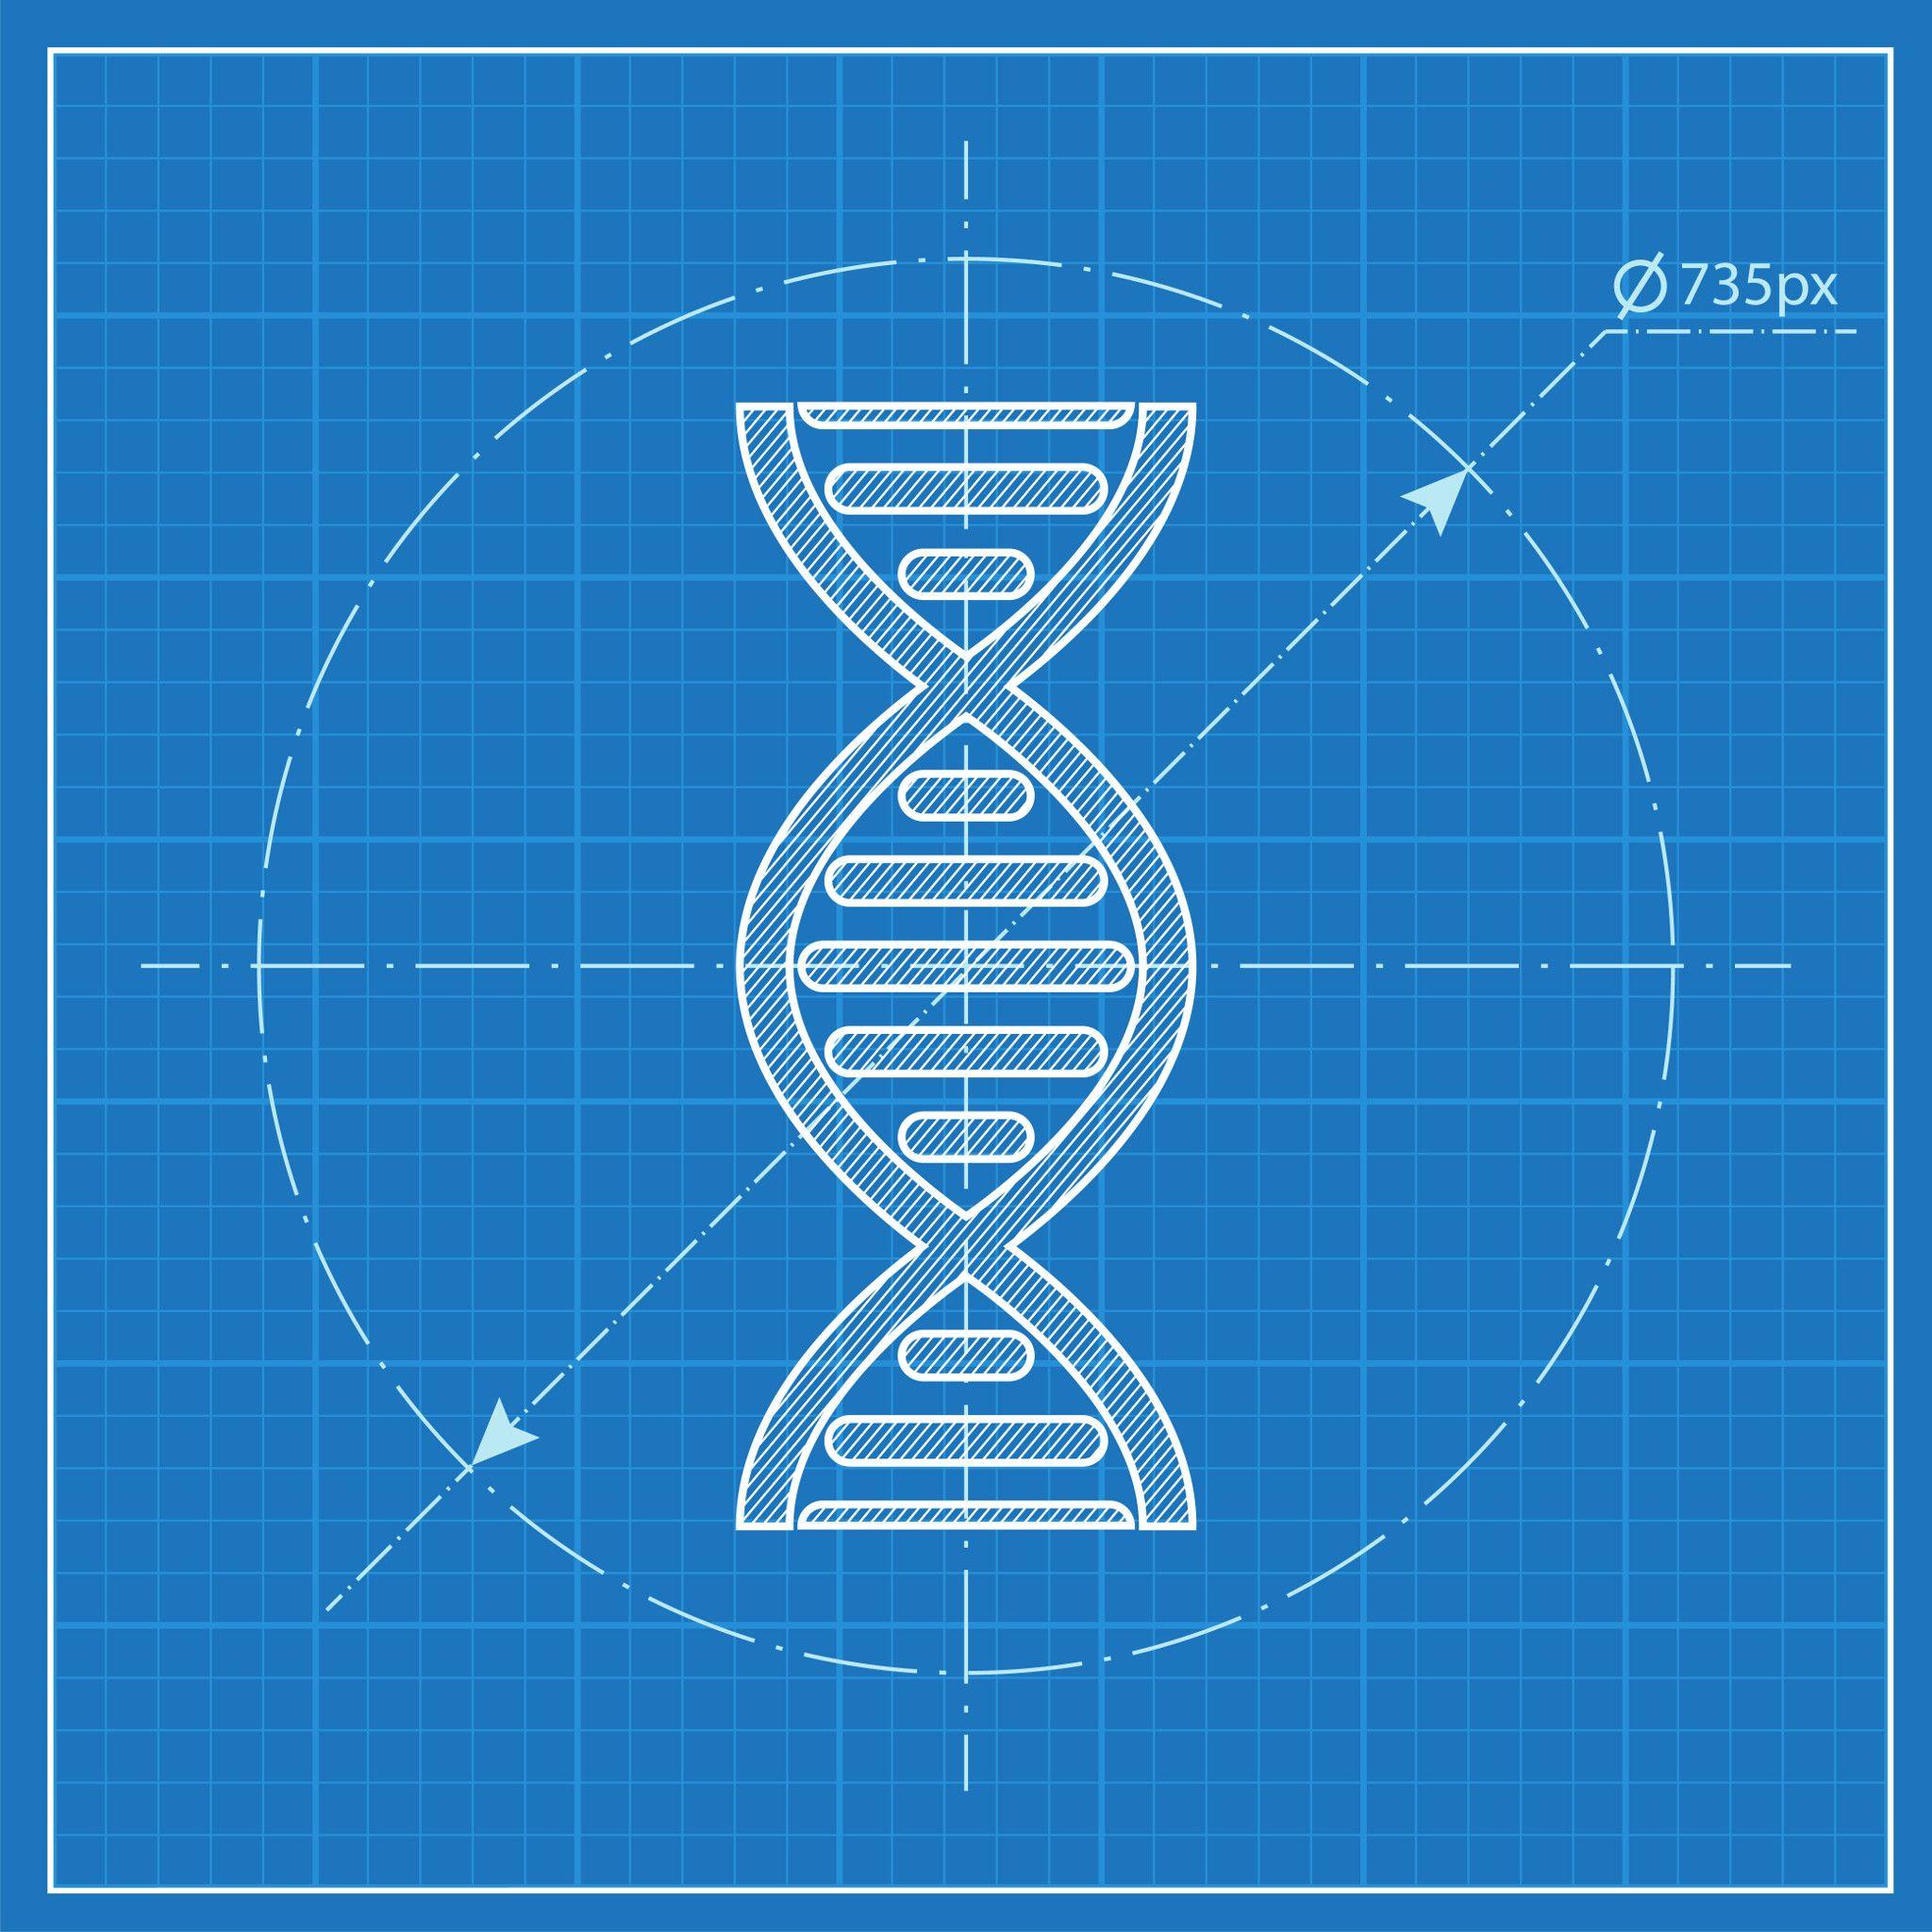 blueprint image of dna double helix